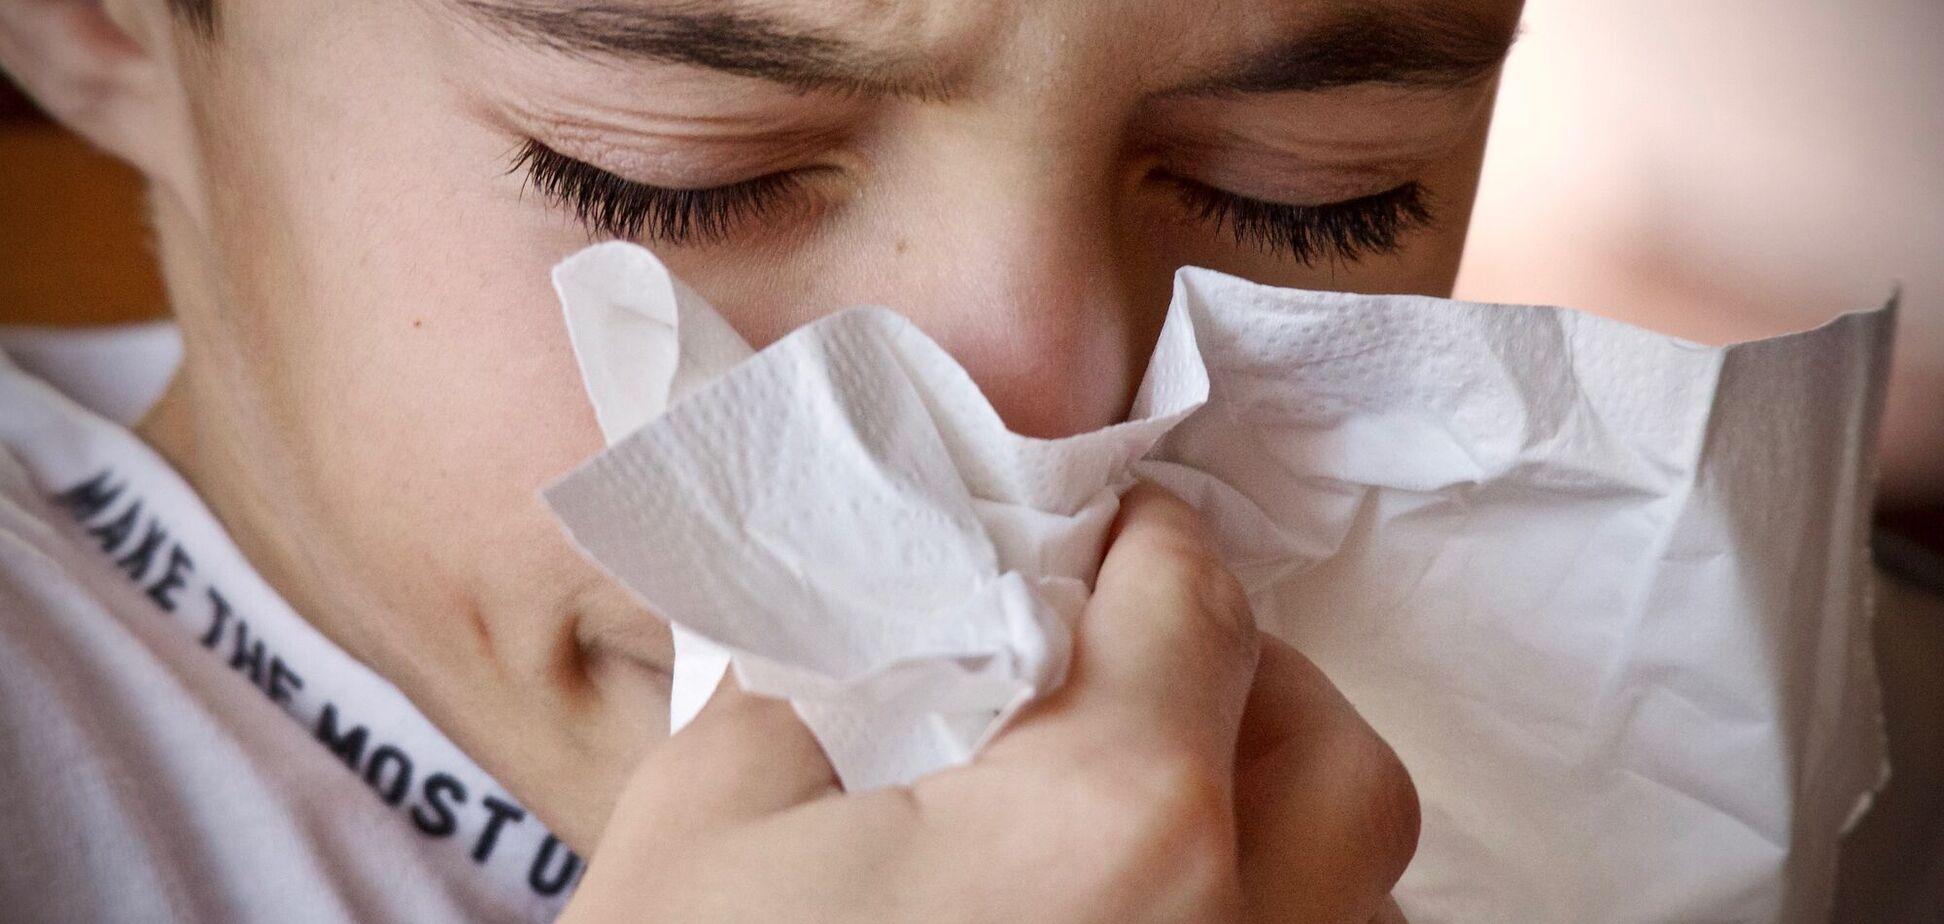 Исследователи наблюдали 13 тысяч пациентов с вирусными респираторными заболеваниями